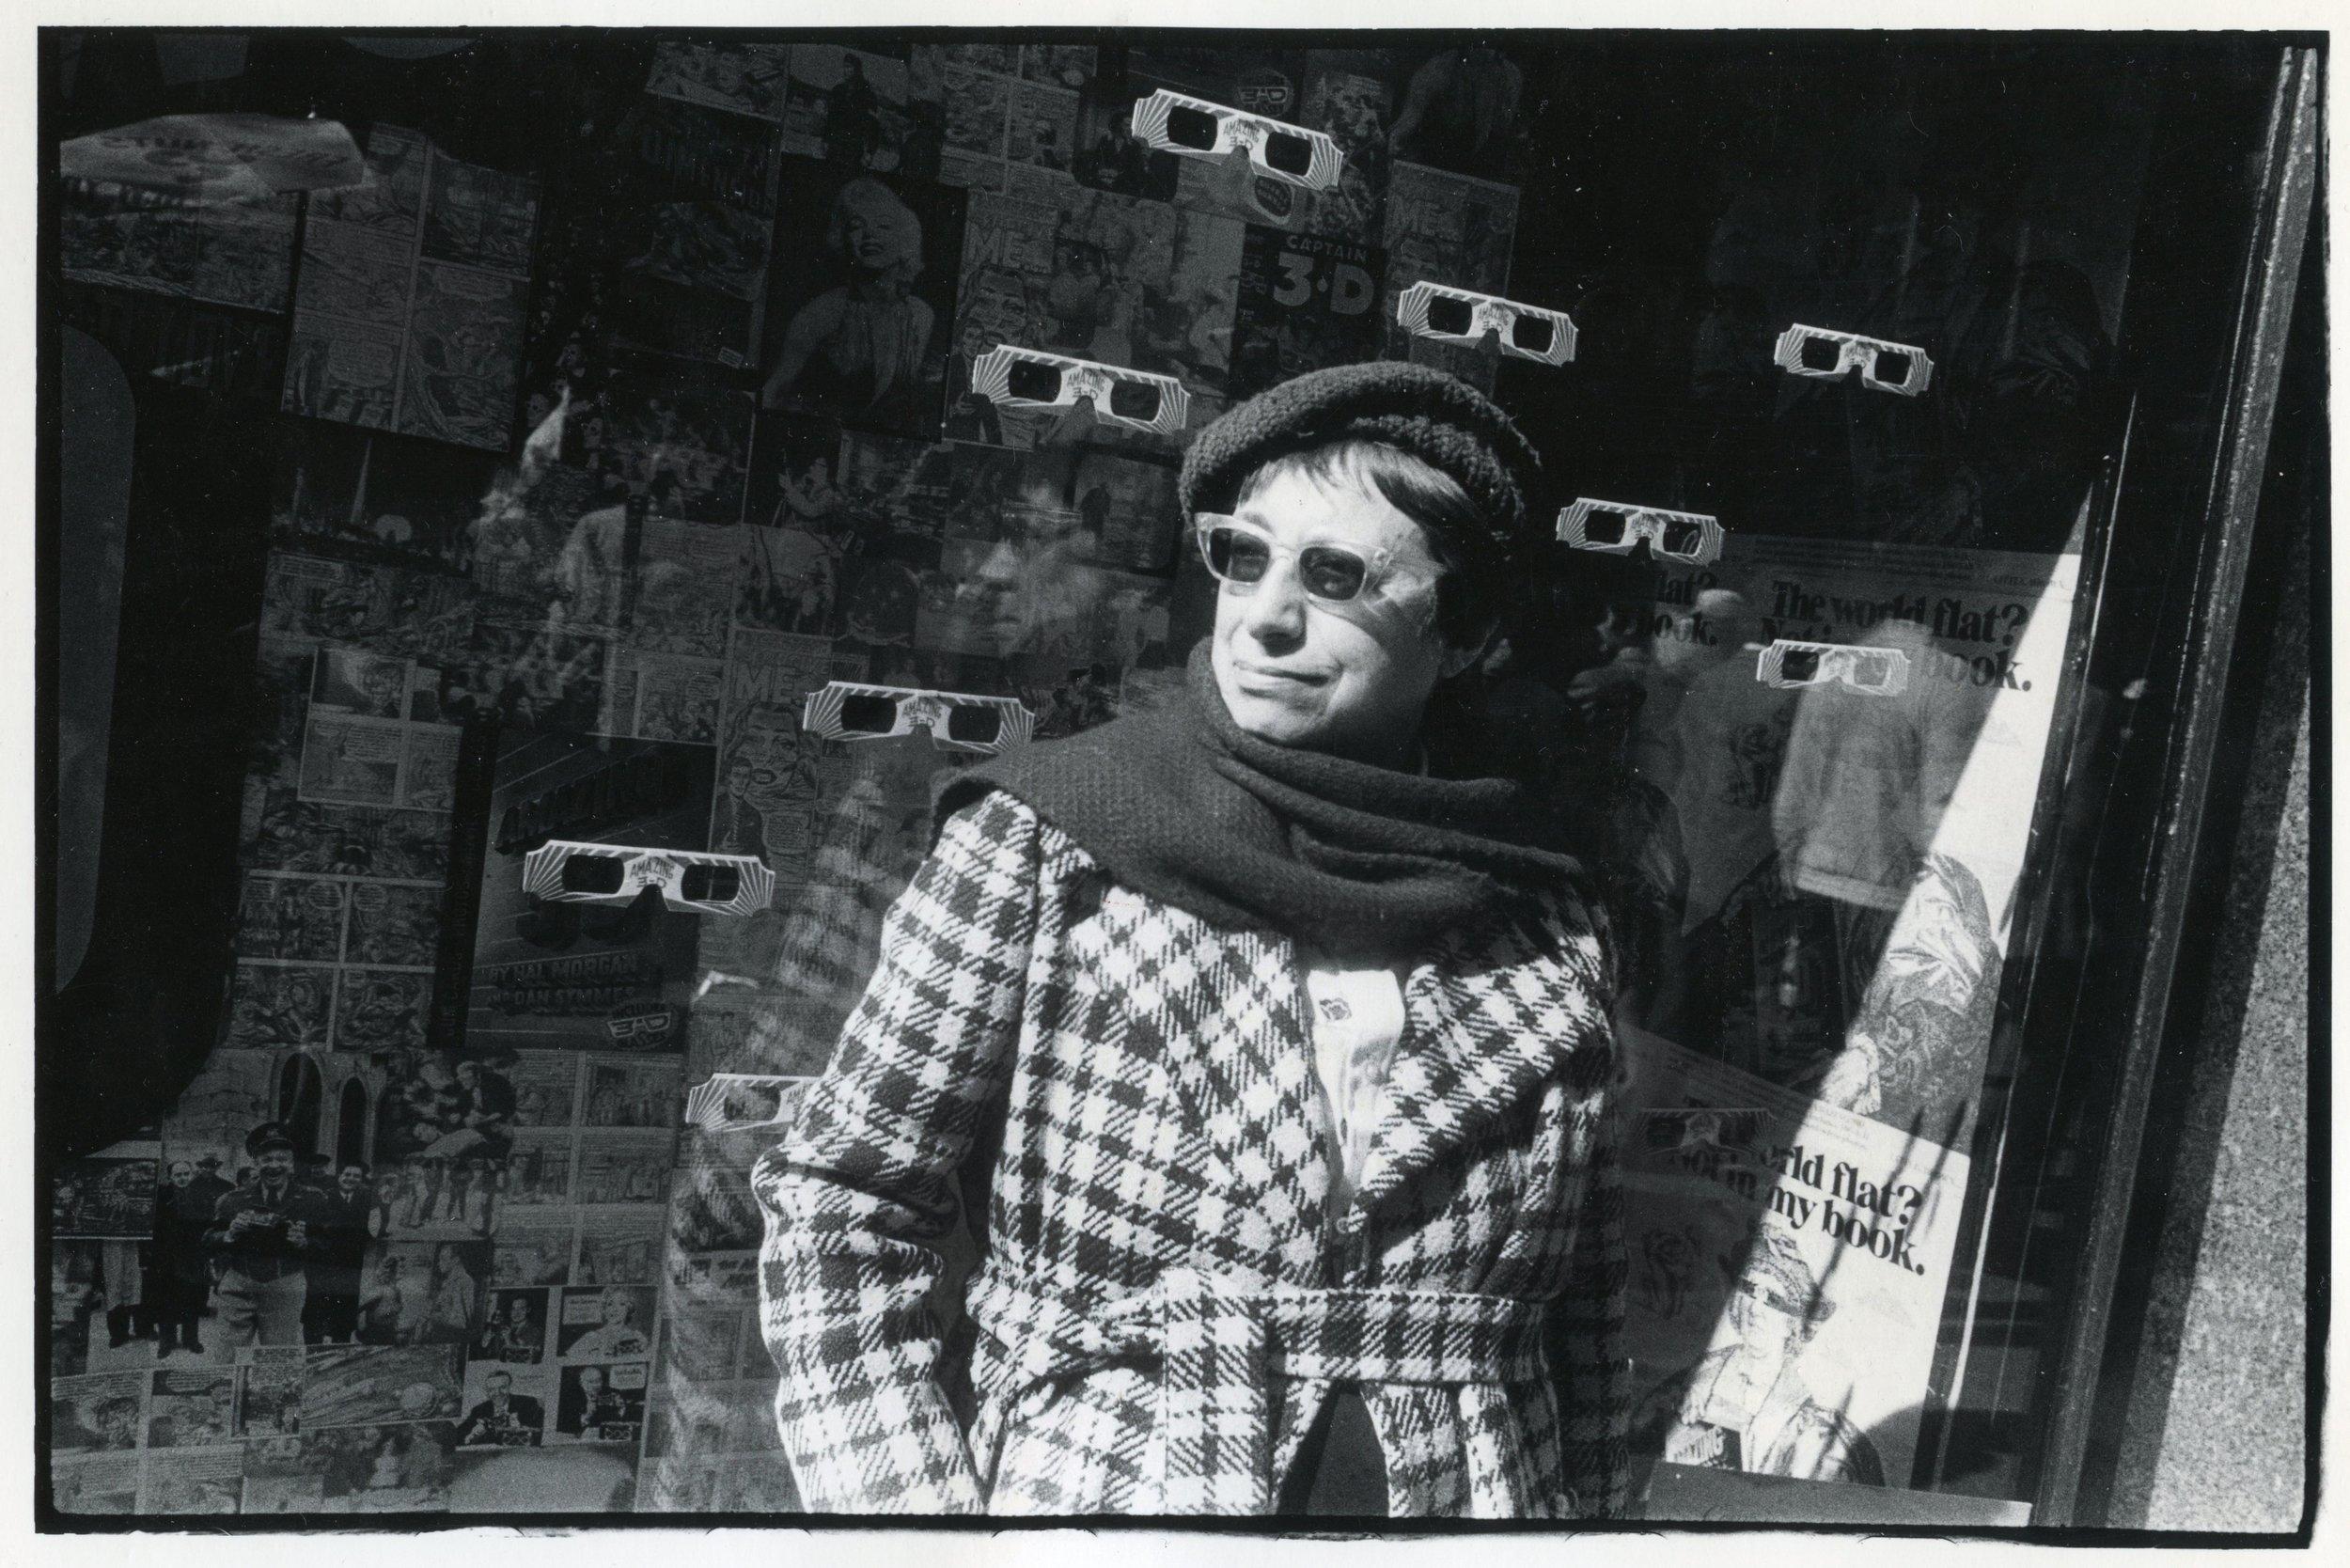 3D Glasses, New York 1983